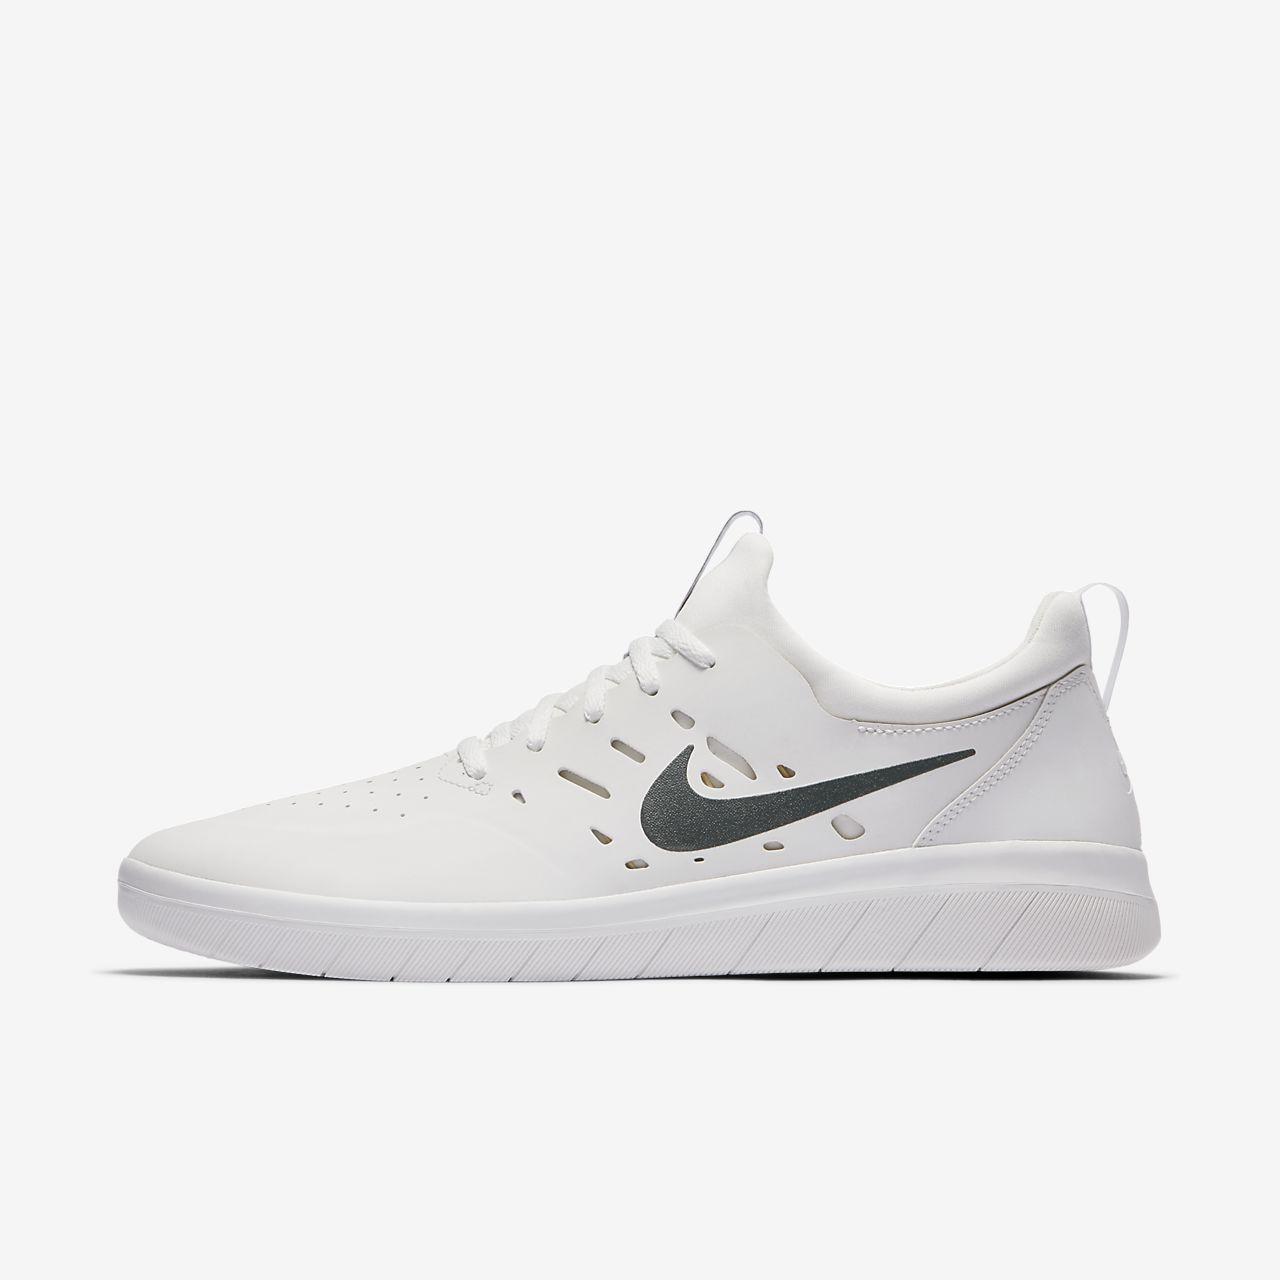 vente dernières collections Nike Chaussures De Nyjah 2014 nouveau 9vmGxcK